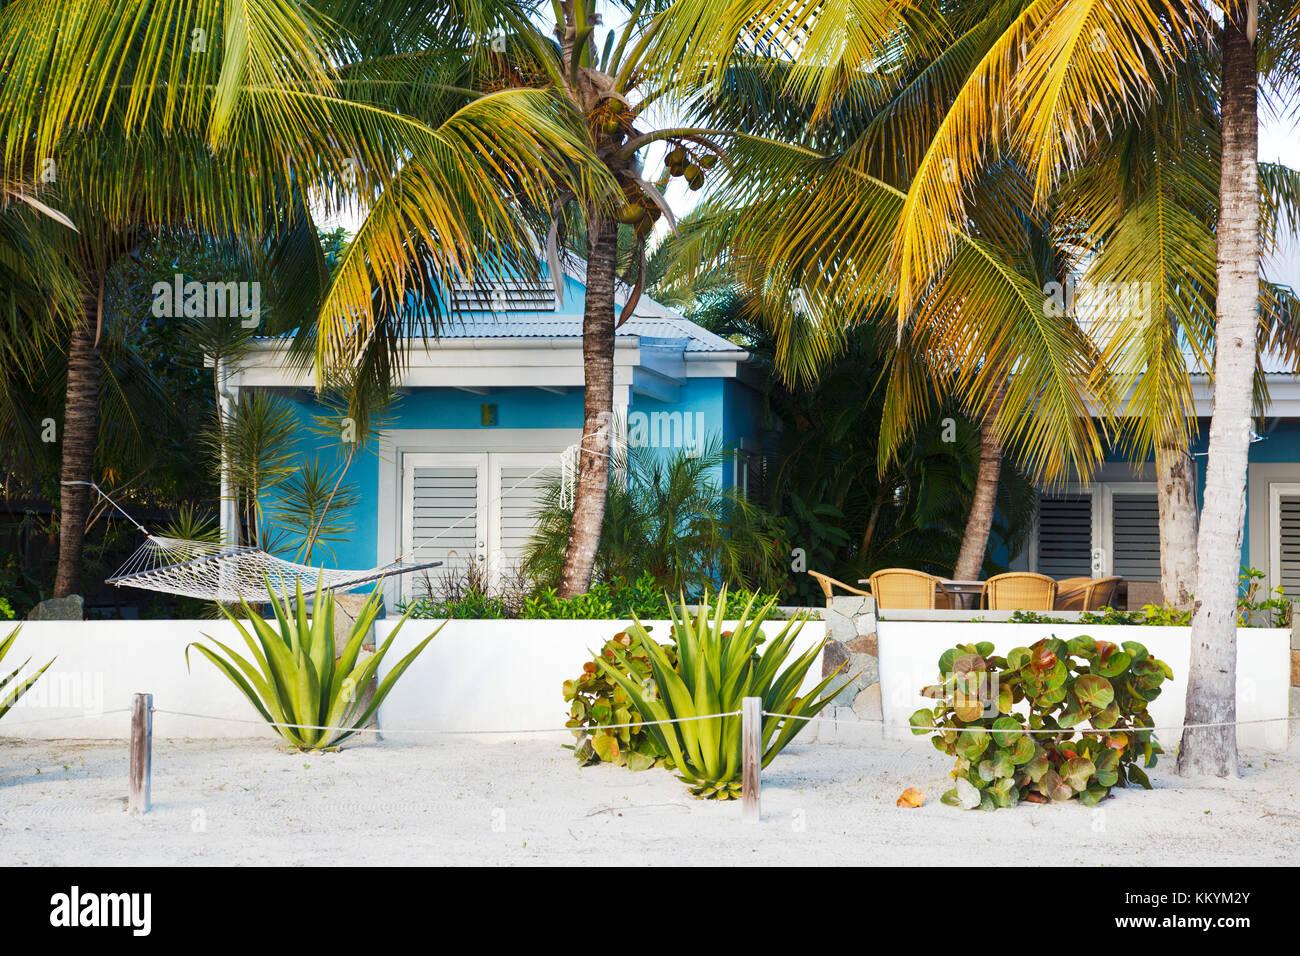 A beach villa at Jolly Beach, Antigua. - Stock Image